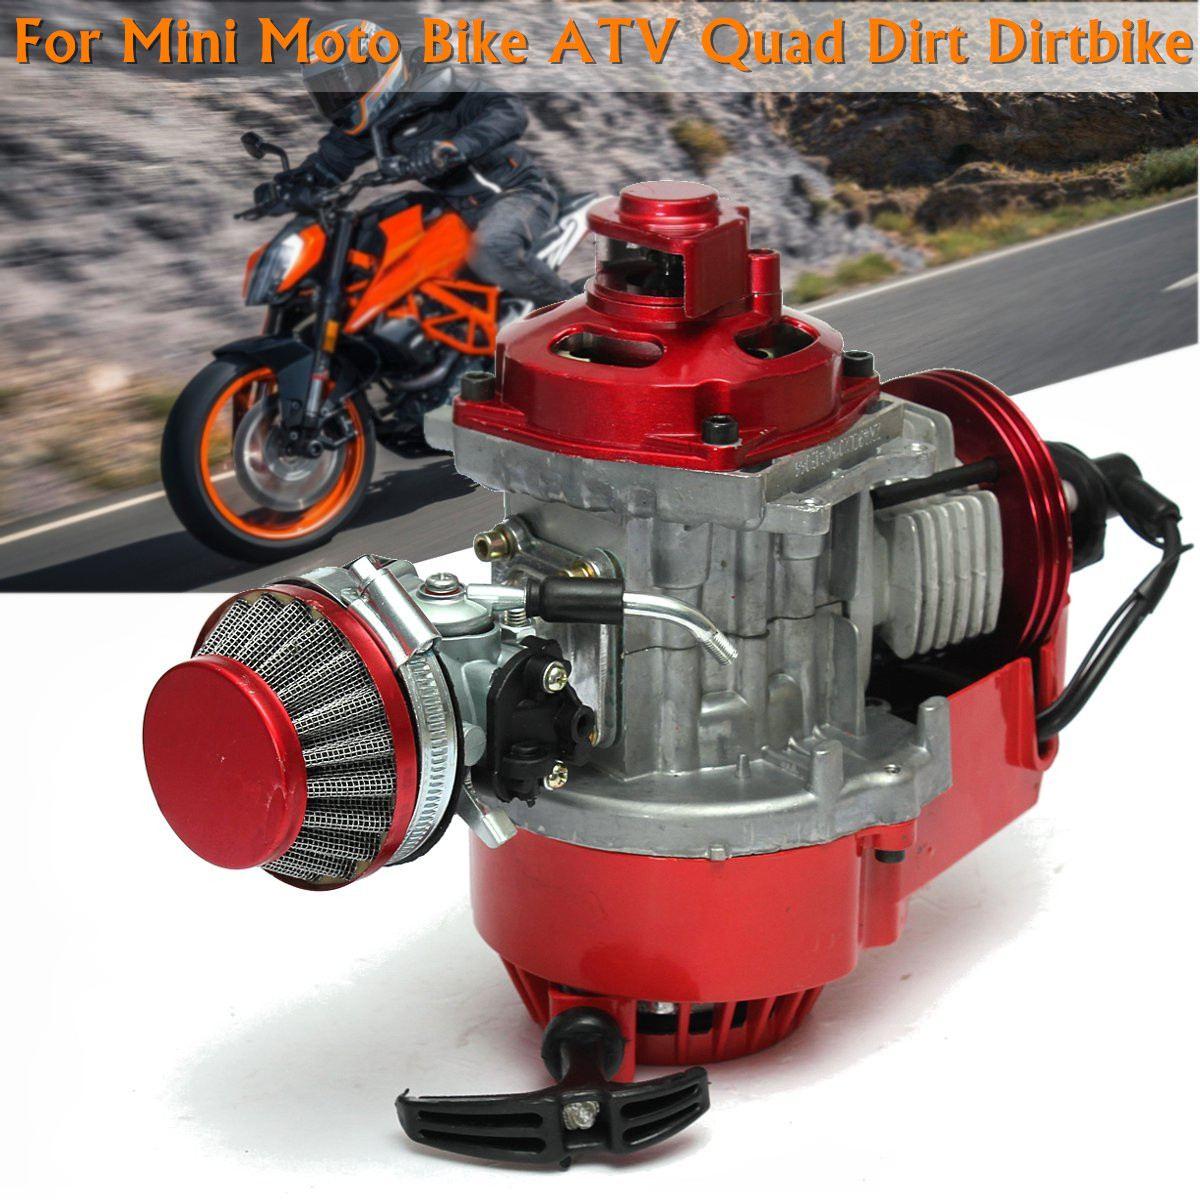 49cc Metal Mini for Pocket Minimoto Bike Air Cooled RACING Red ATV Dirt goofit 15mm carburetor air filter carburettor kit carb r stack 49cc mini atv dirt pocket bike racing motorcycle group 77